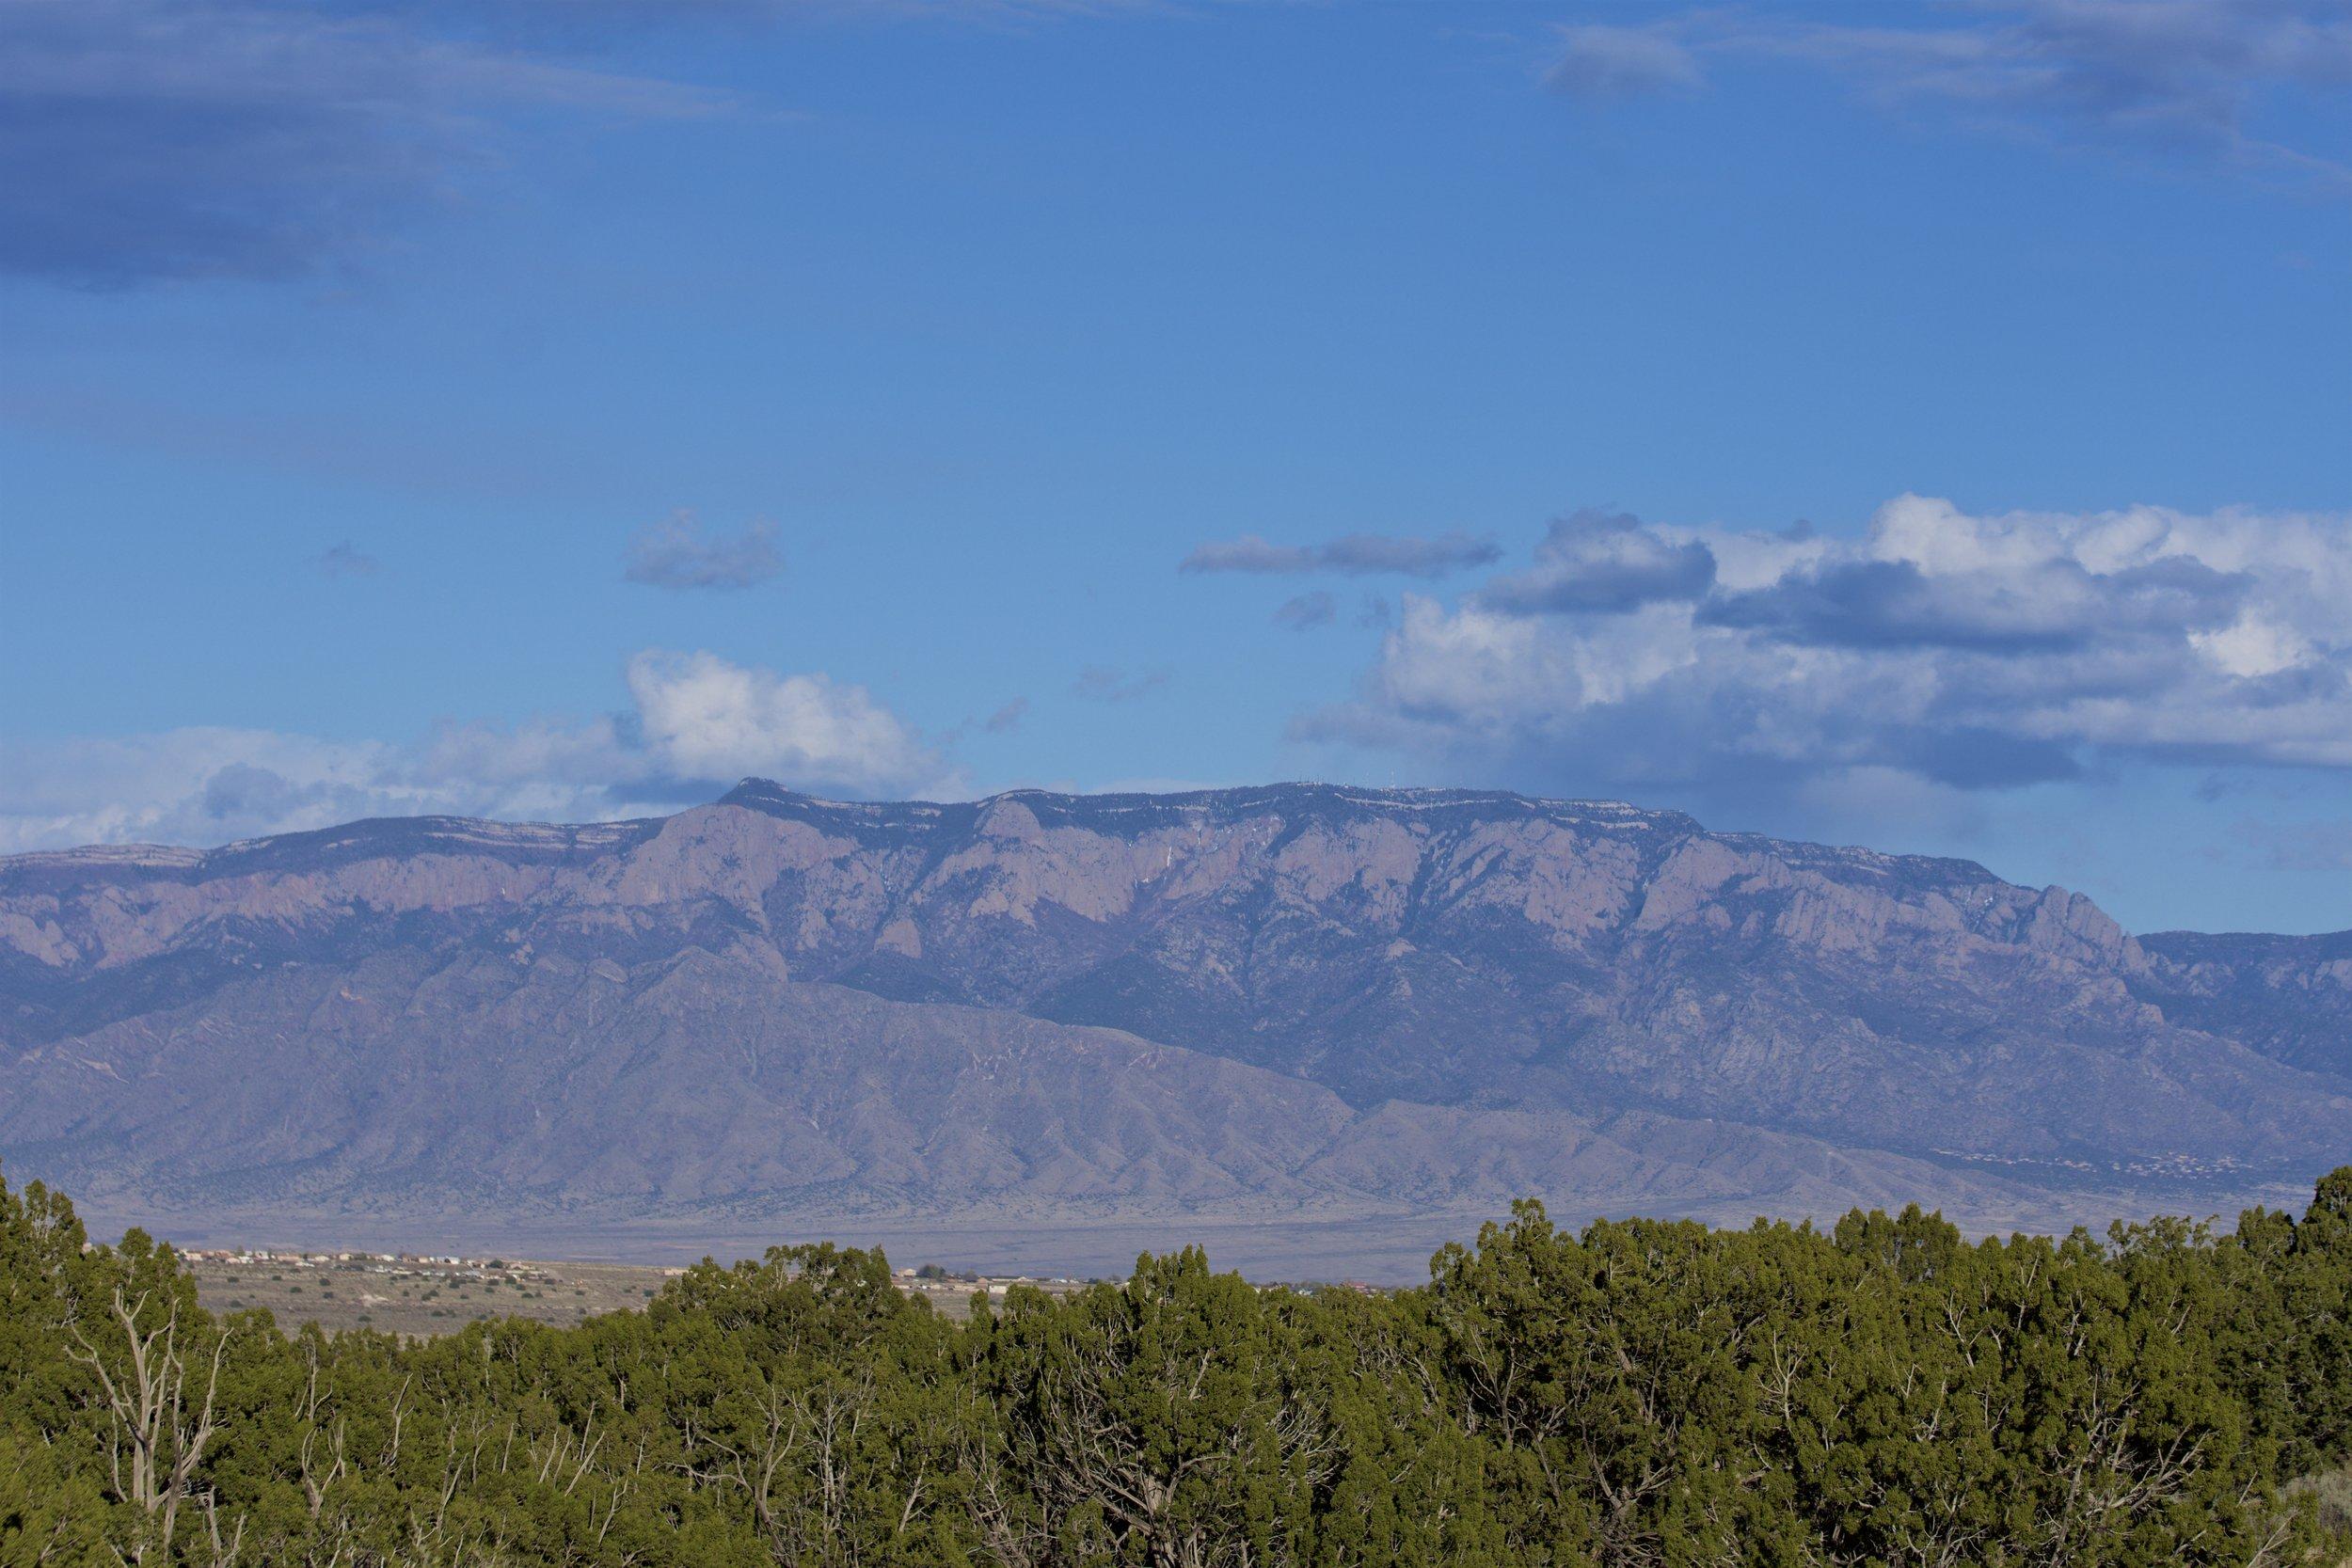 SNNM-2231-rio-rancho-125723.jpg